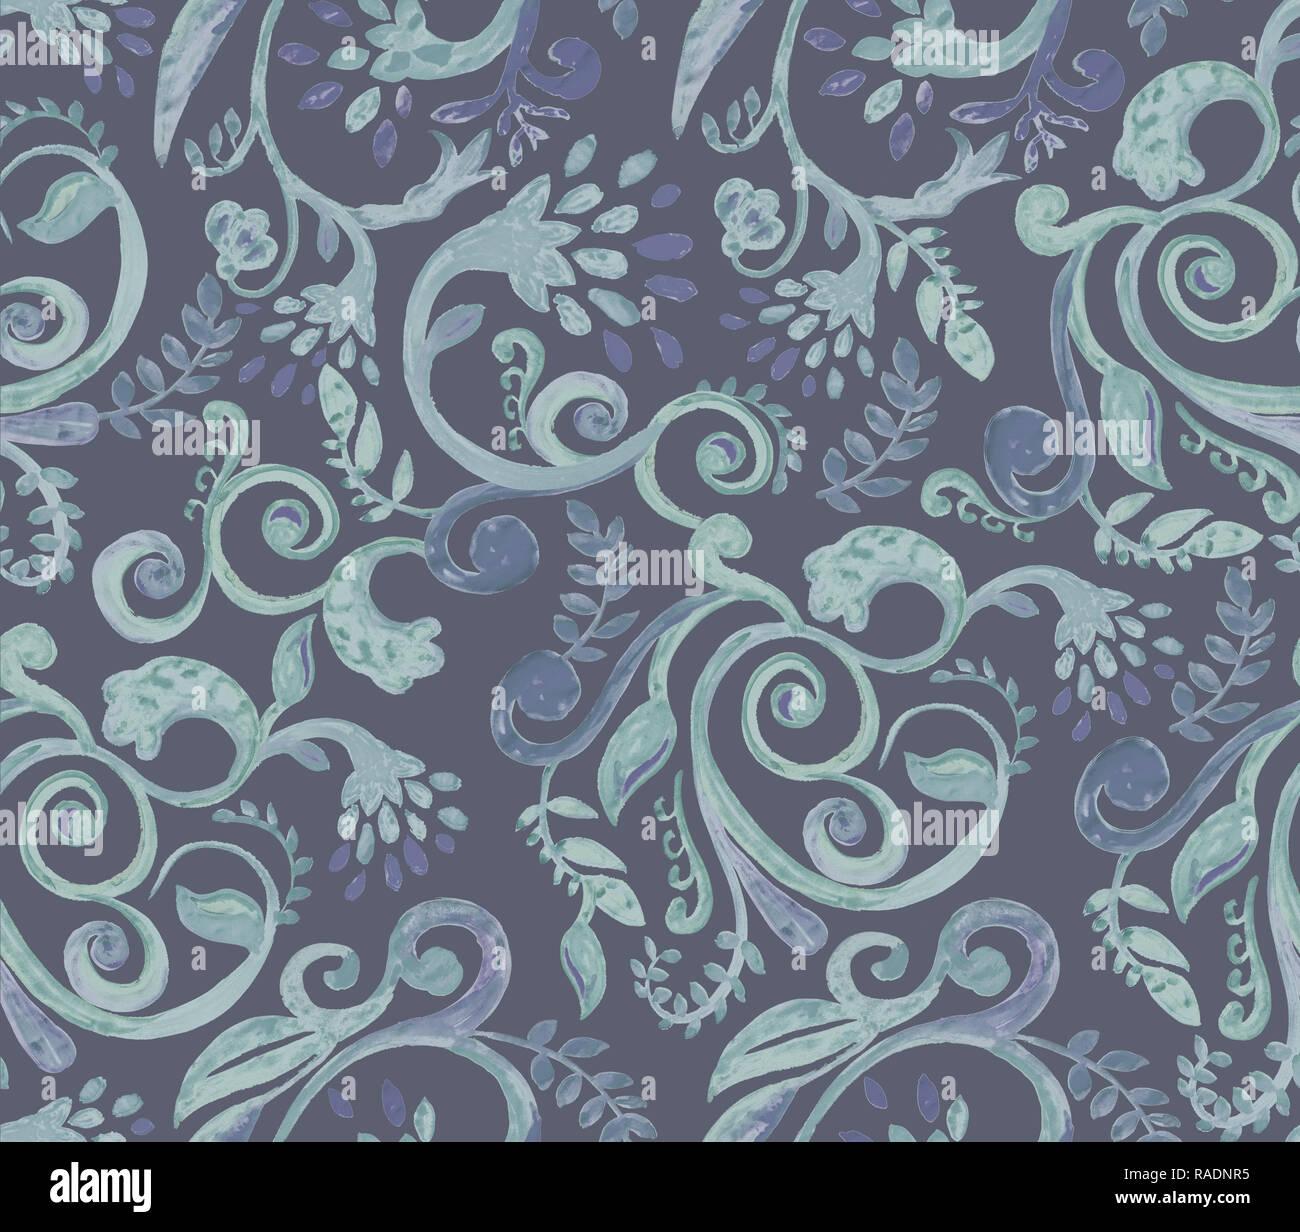 9692f9837e09f0 Dunkelgrün florale Muster auf blauem Hintergrund. Hand Made Aquarell  nahtlose Textur für Kleidung, Stoff